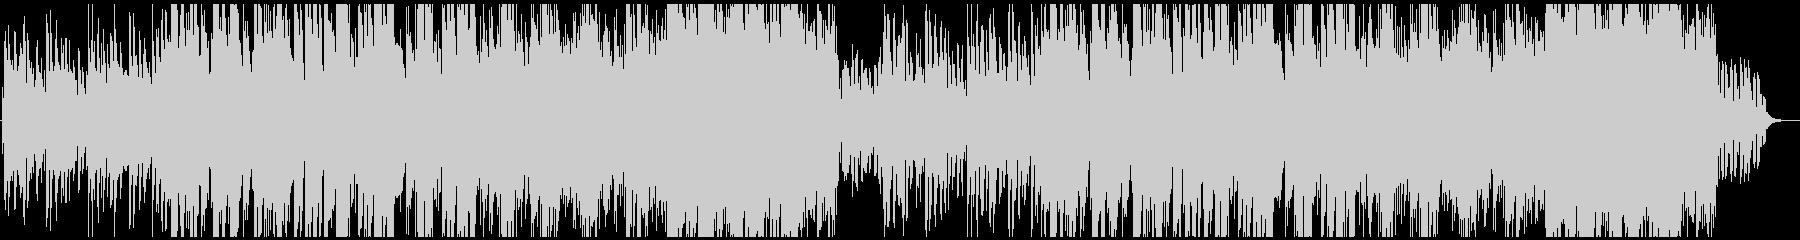 ピアノとアコギの透明感でナチュラルVPの未再生の波形